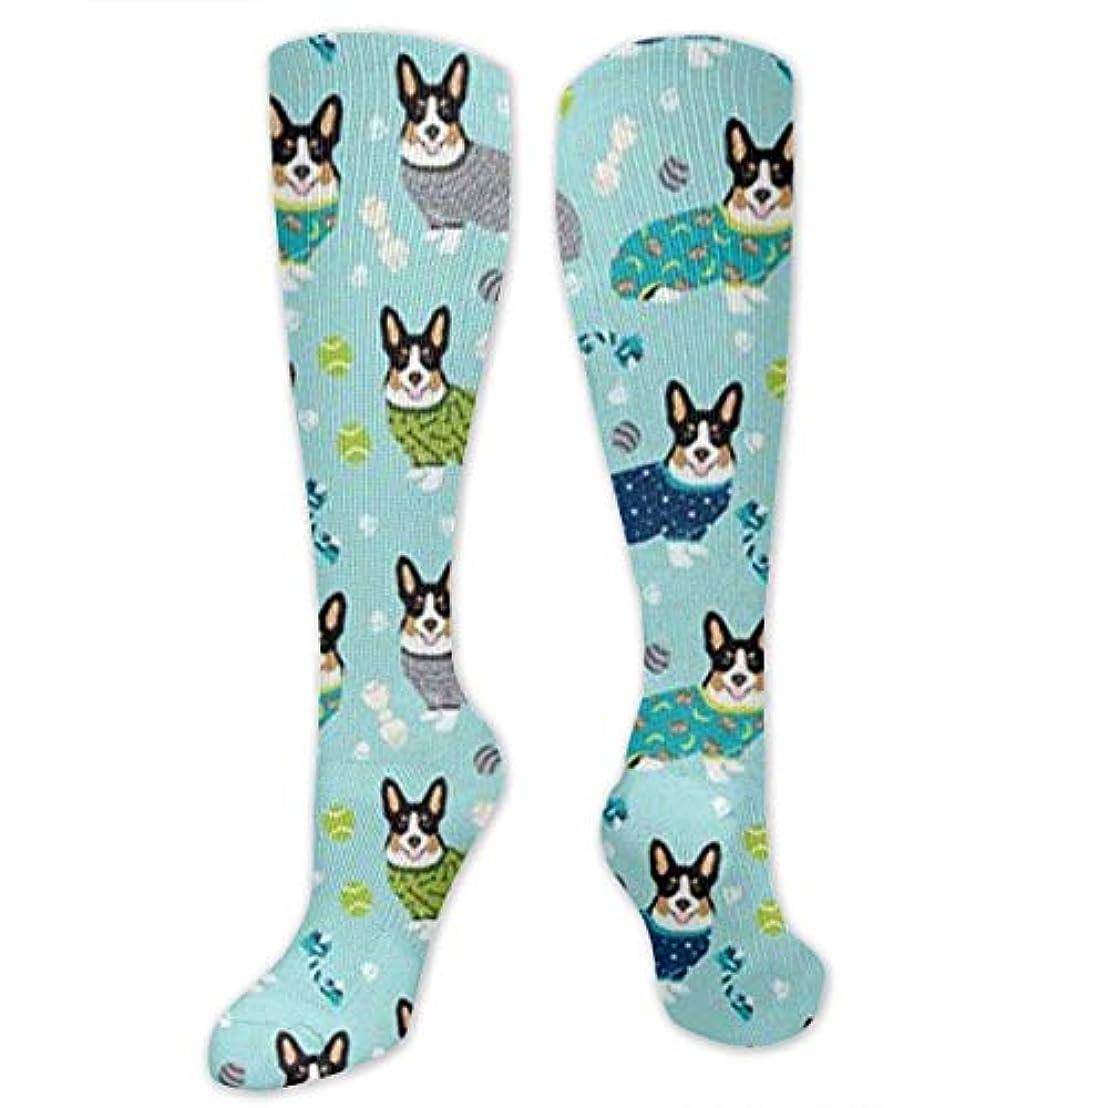 不透明な関連するハブブ靴下,ストッキング,野生のジョーカー,実際,秋の本質,冬必須,サマーウェア&RBXAA Dog Swim On The Pool Socks Women's Winter Cotton Long Tube Socks Cotton...